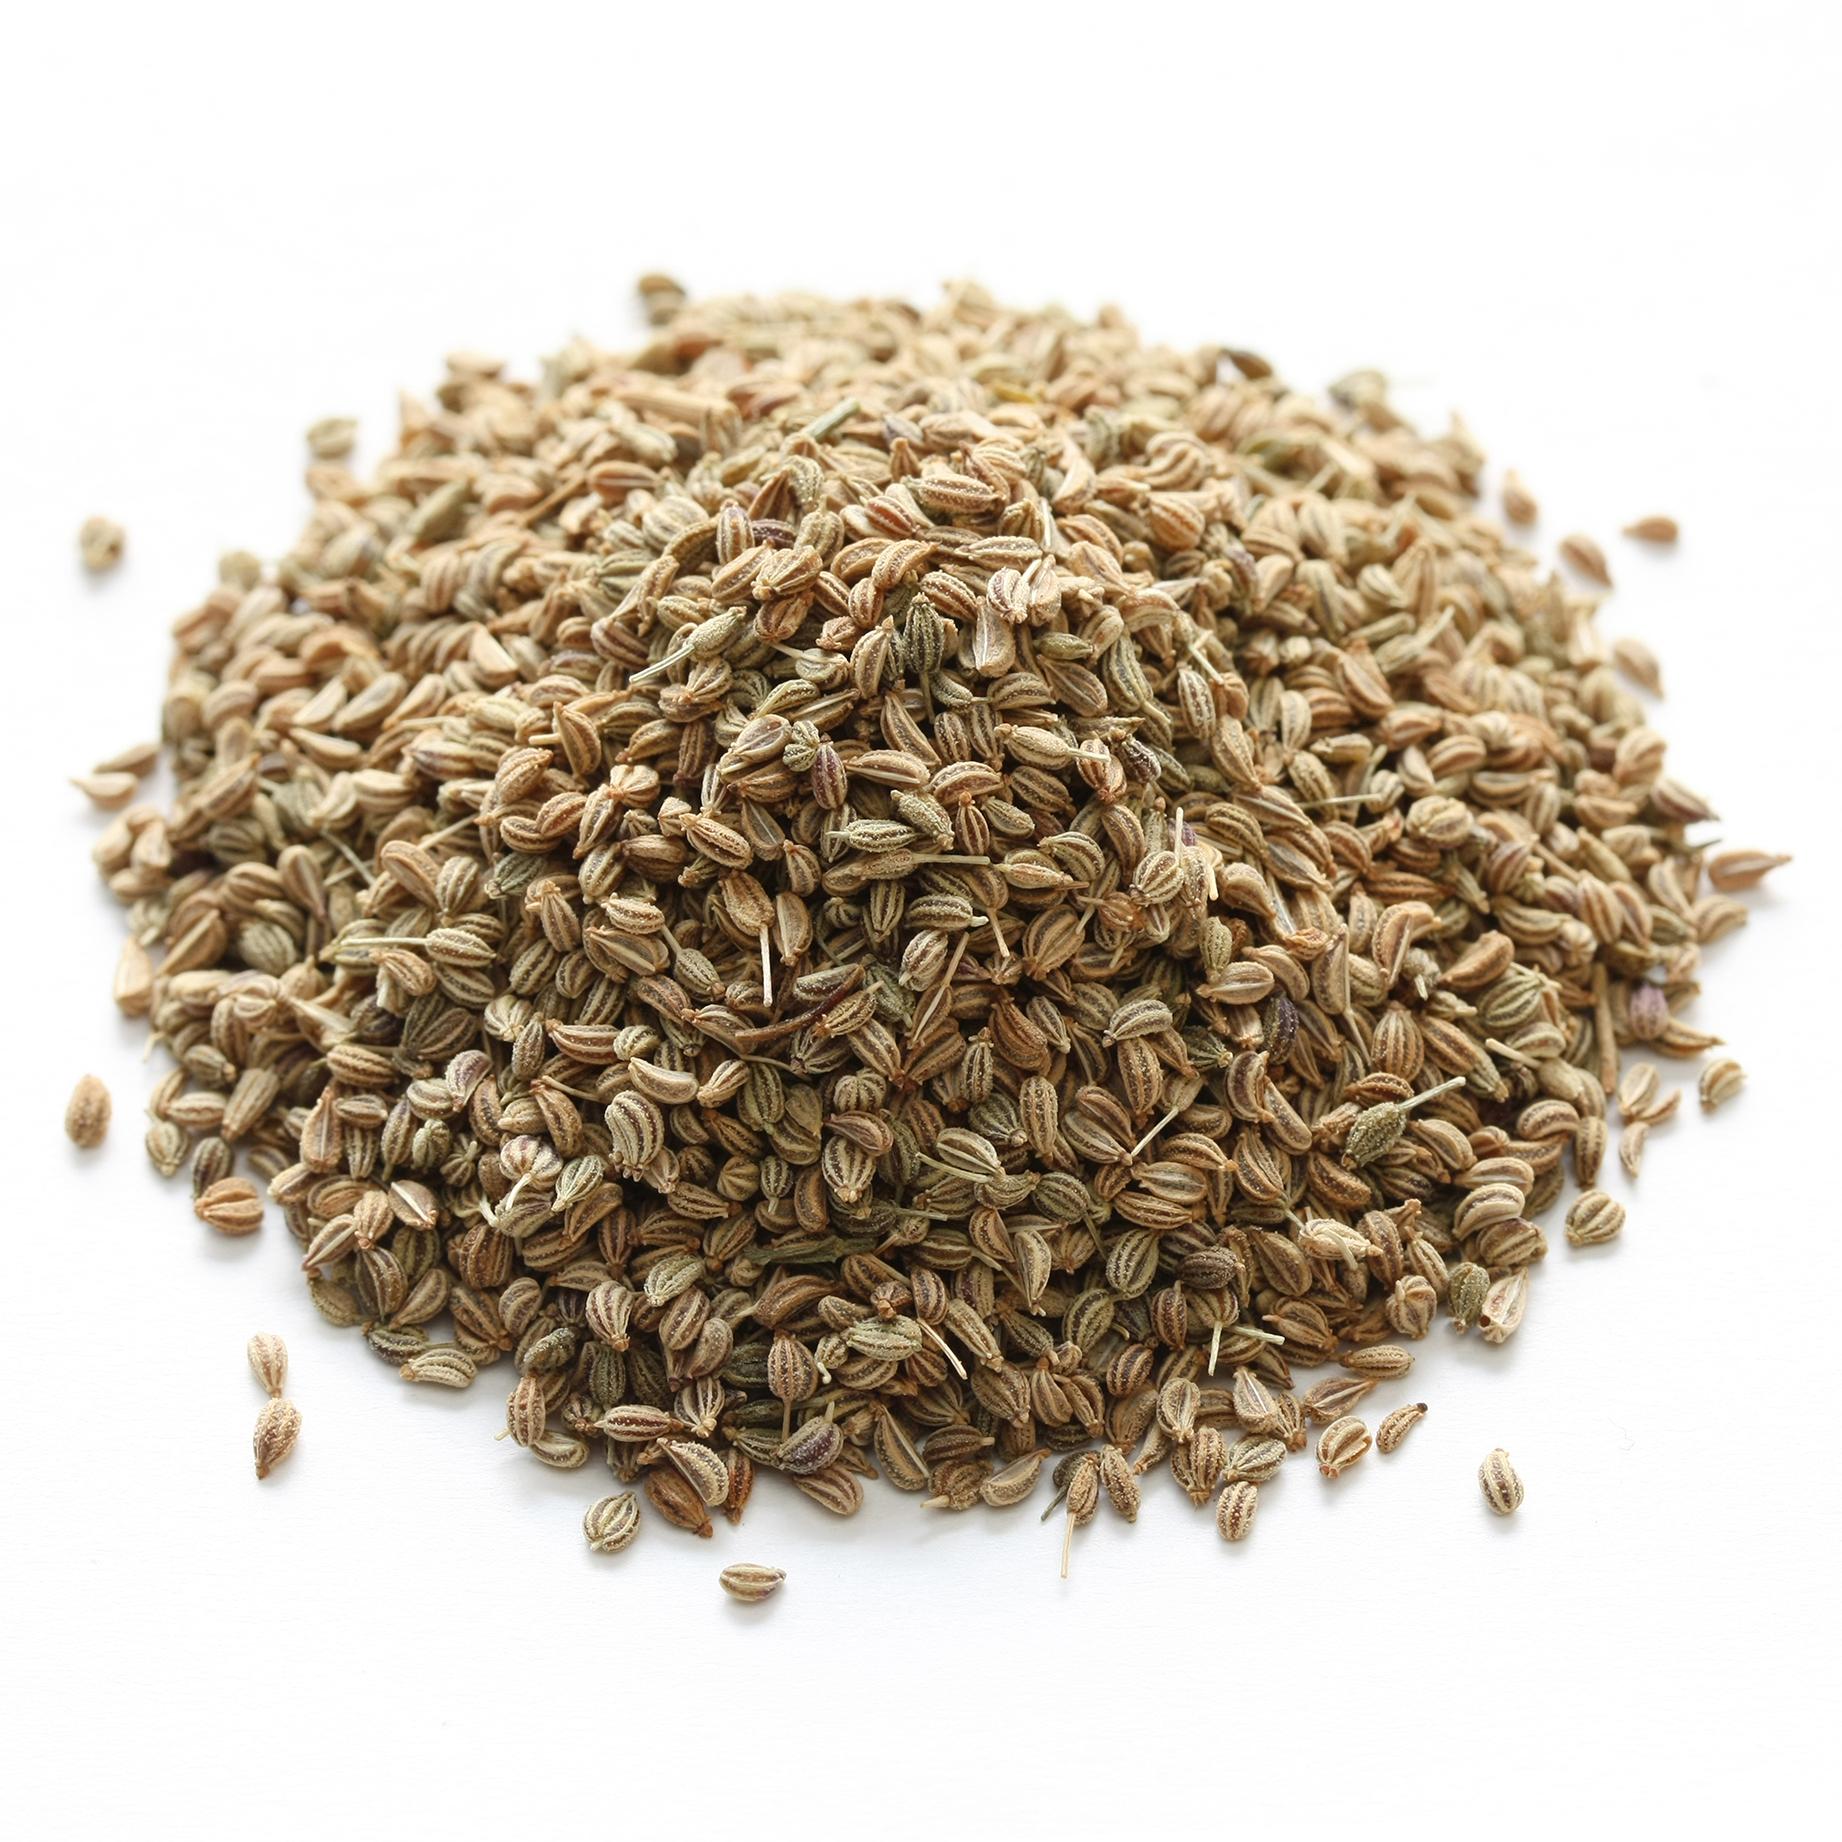 Carom Seeds (Ajwain)